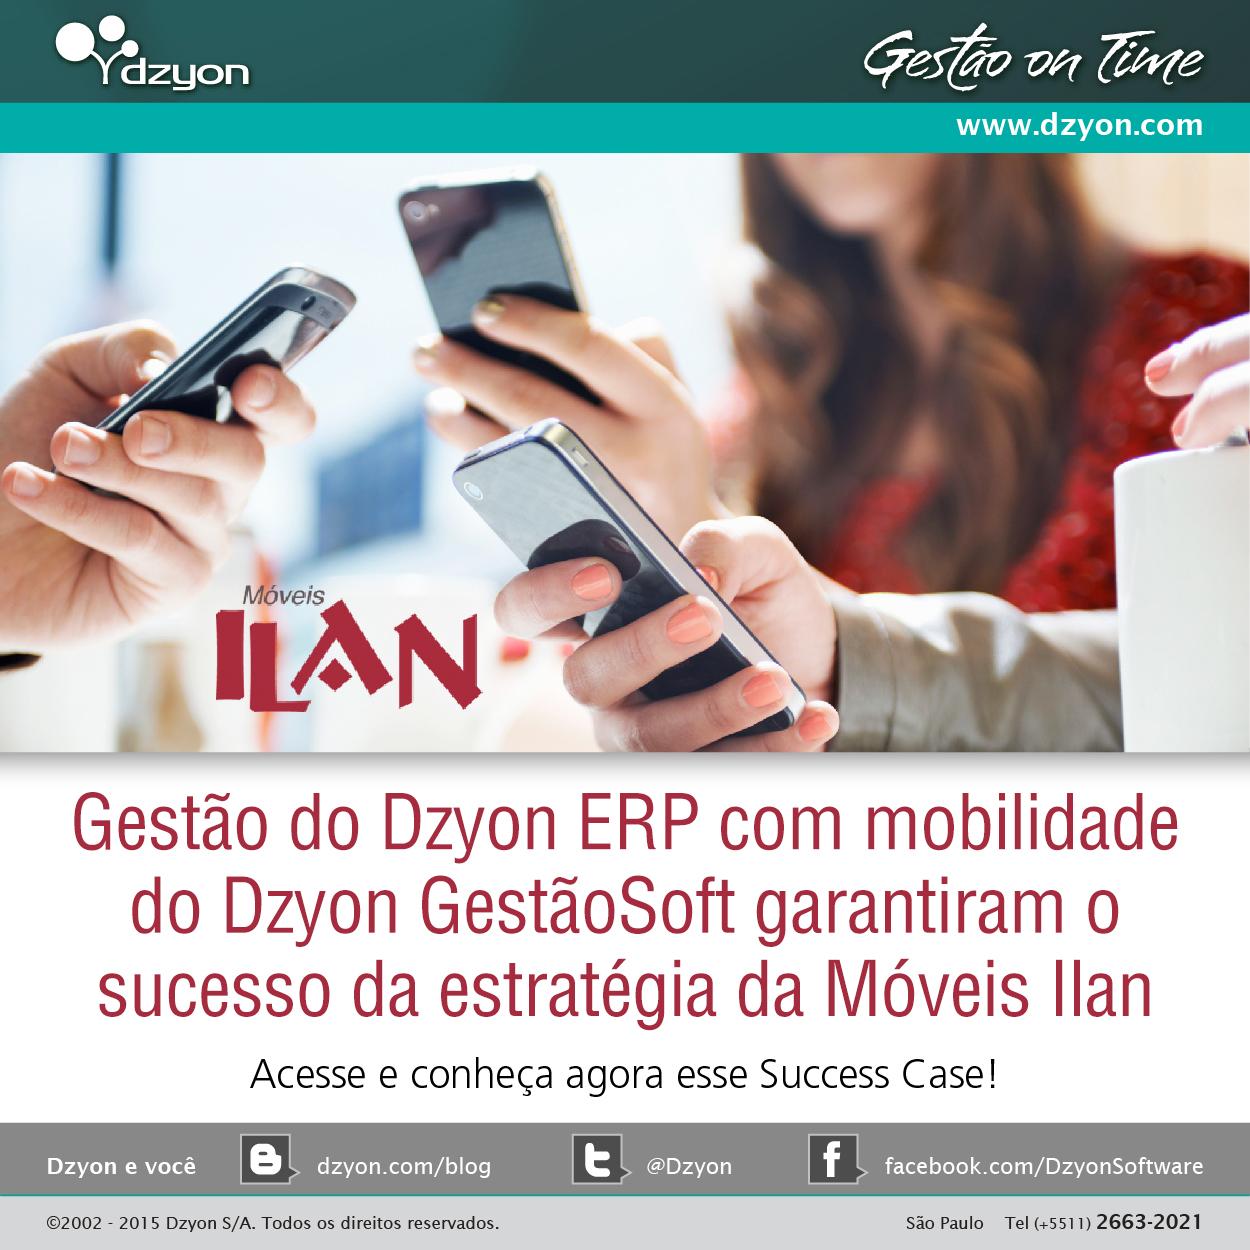 Dzyon_Post_Cases_Moveis_Ilan_set2015-01_mod